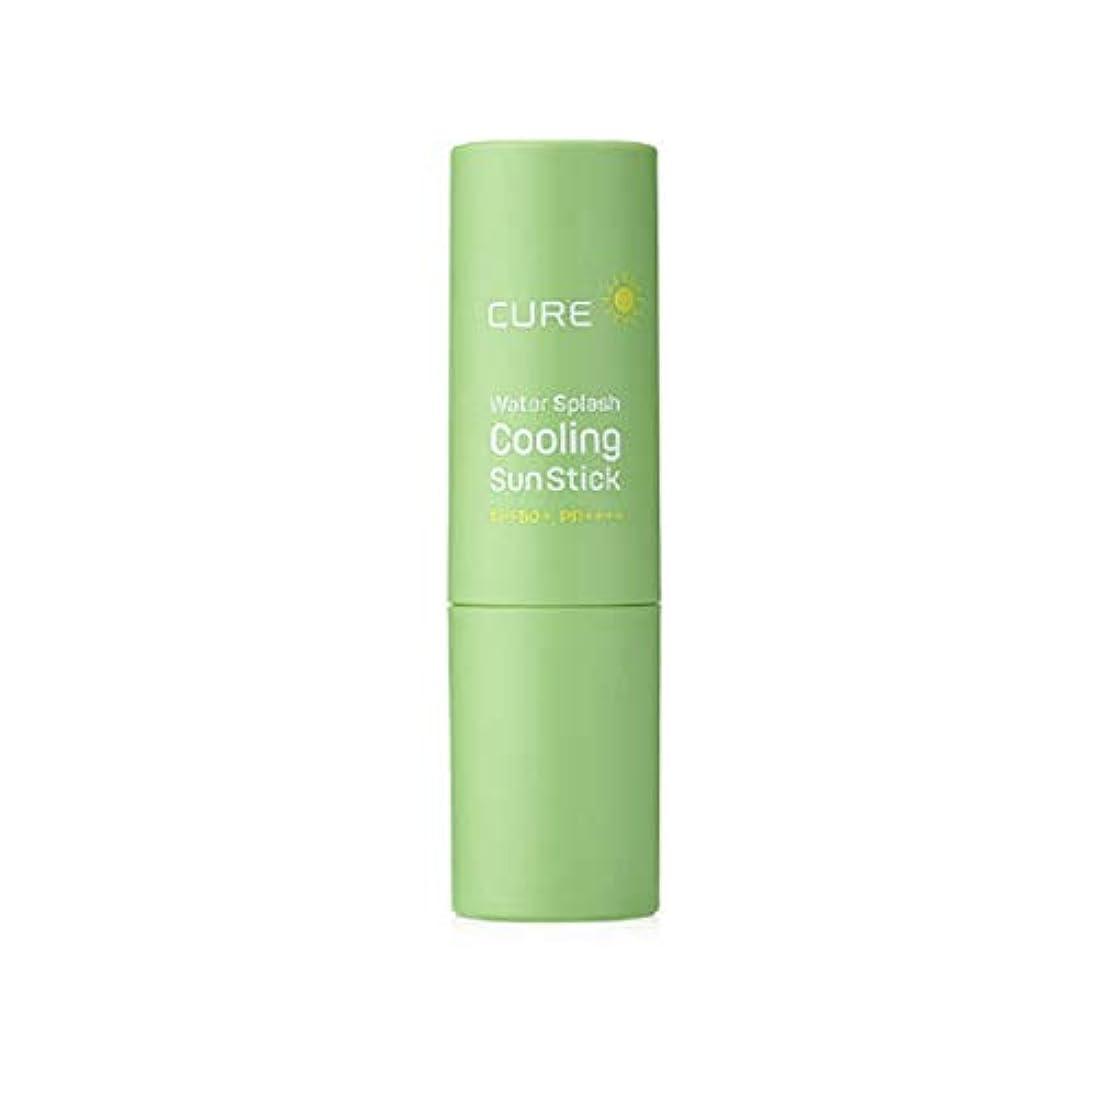 チョップすすり泣き散逸[KIMJUNGMOON ALOE] キムジョンムンアロエ Cure Water Splash Coolling Sun Stick 11gキュアウォータースプラッシュクーリングスティックSPF50+/PA++++ 42%...